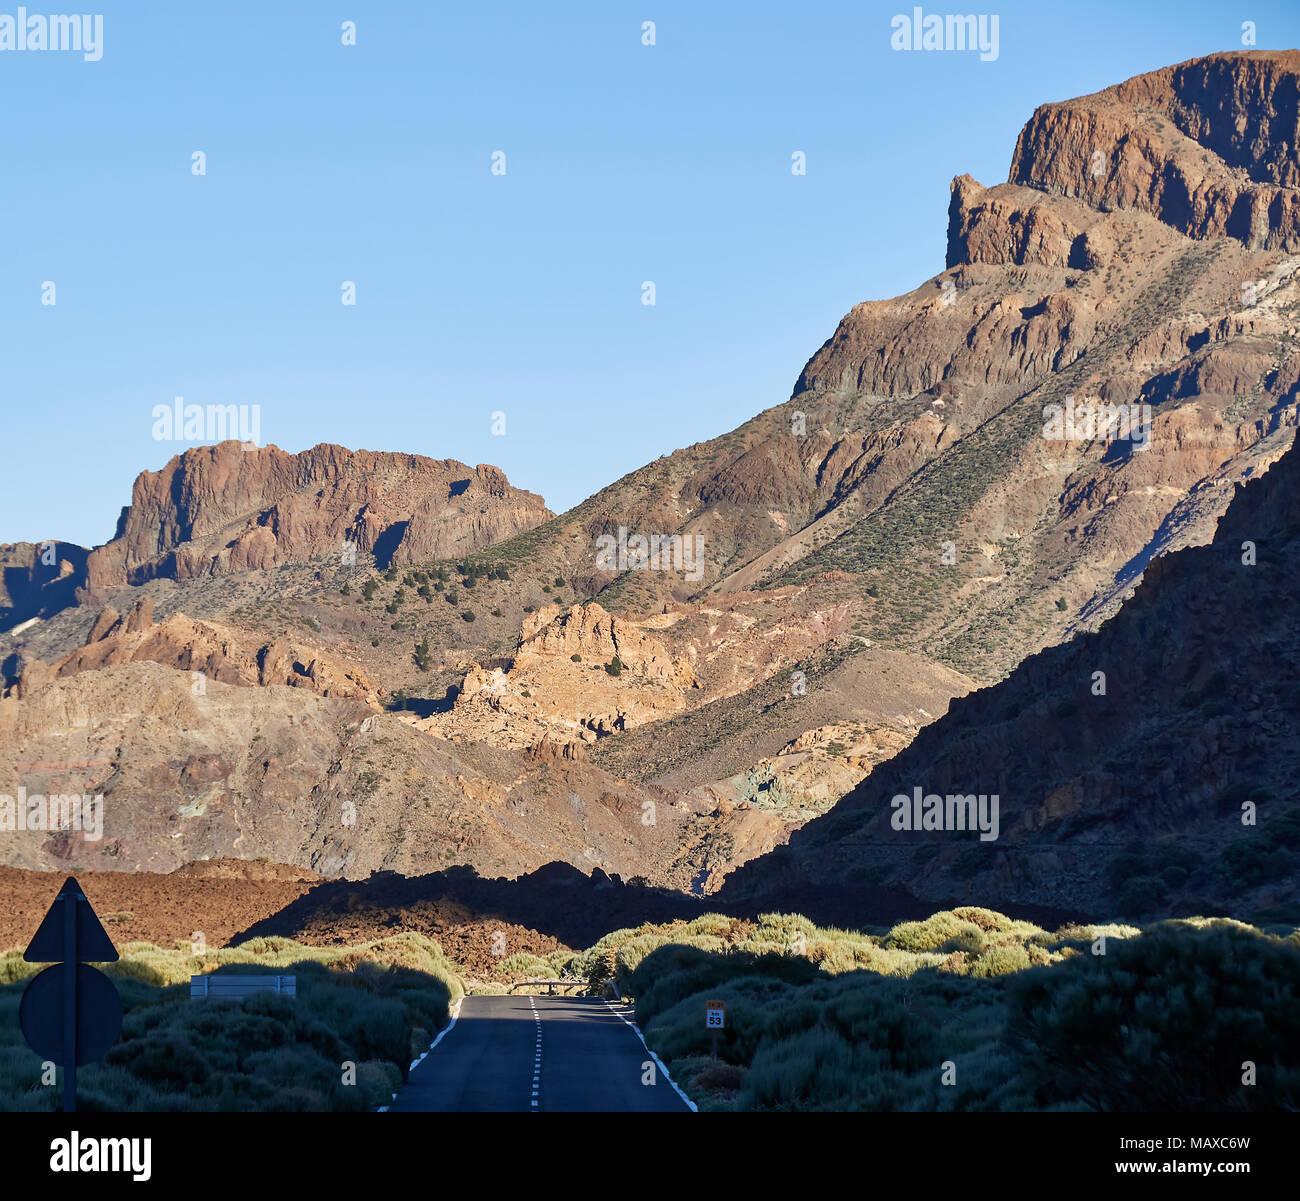 La TF-21 Carretera y paisaje montañoso que recorre el Parque Nacional Tiede en Tenerife, en las islas Canarias. Foto de stock